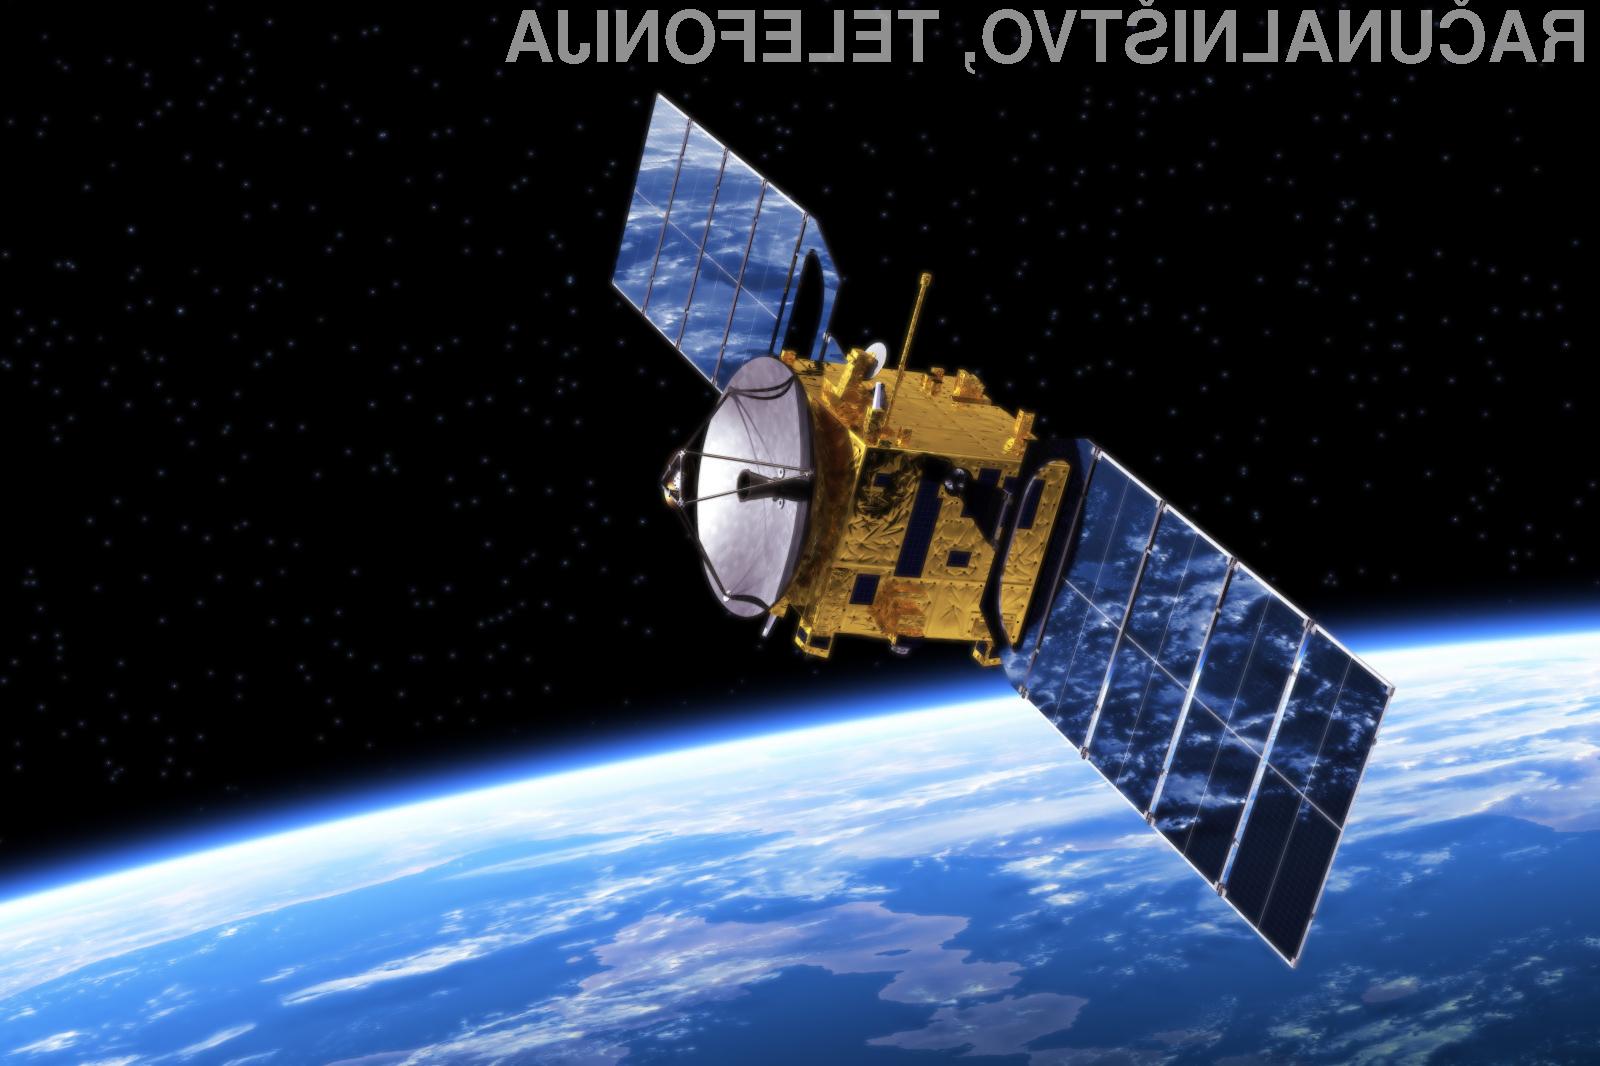 Prvi satelit za brezplačen dostop do interneta bo podjetje Facebook zagotovilo v začetku naslednjega leta!